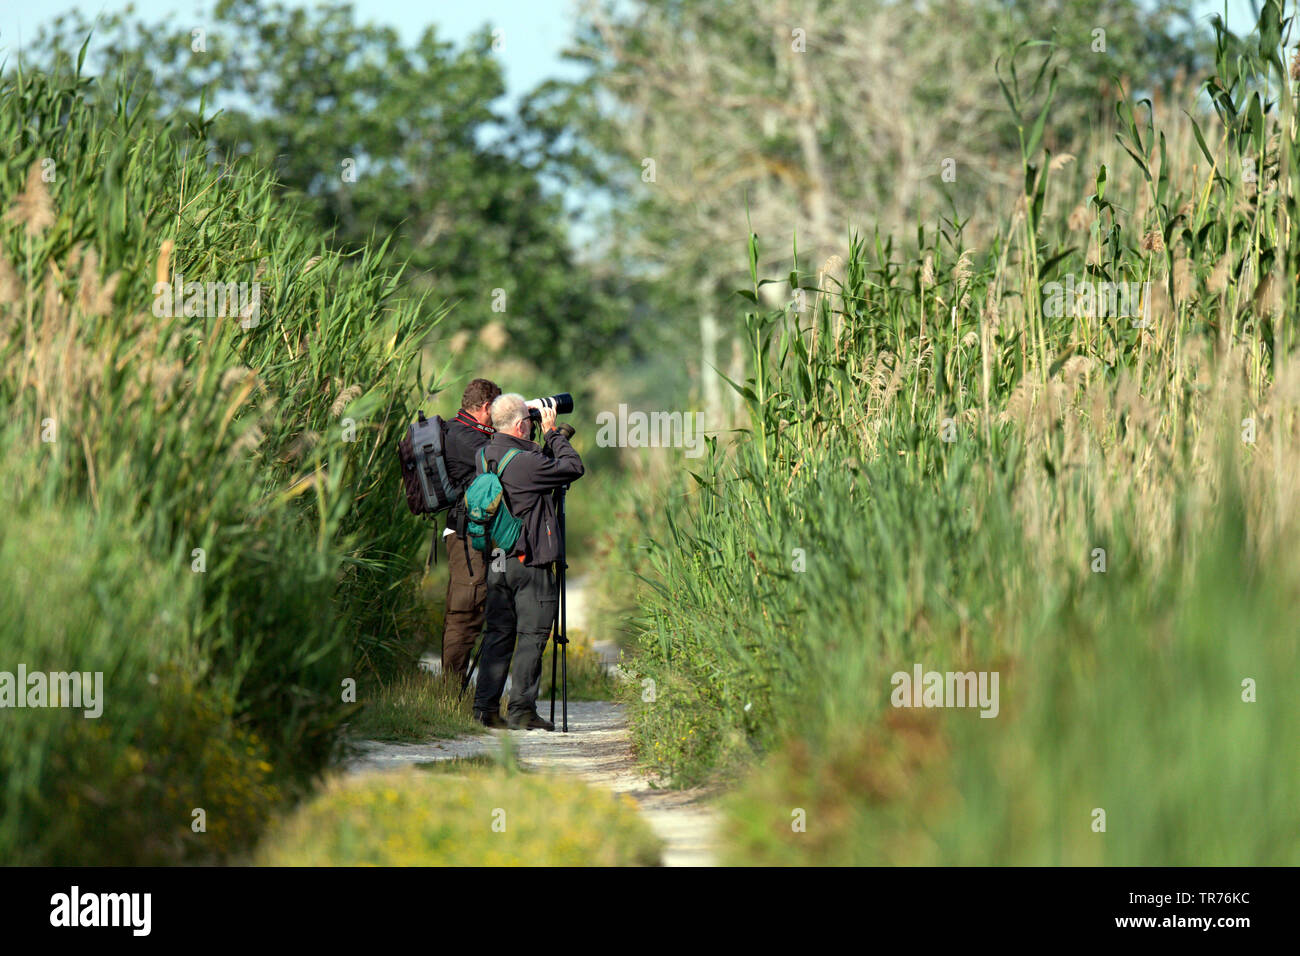 Ornithologen bei der Vogelbeobchatung in einem Schilfroehricht, Spanien, Balearen, Mallorca, MR=Yes | Birdwatchers walking in nature reserve with reed - Stock Image